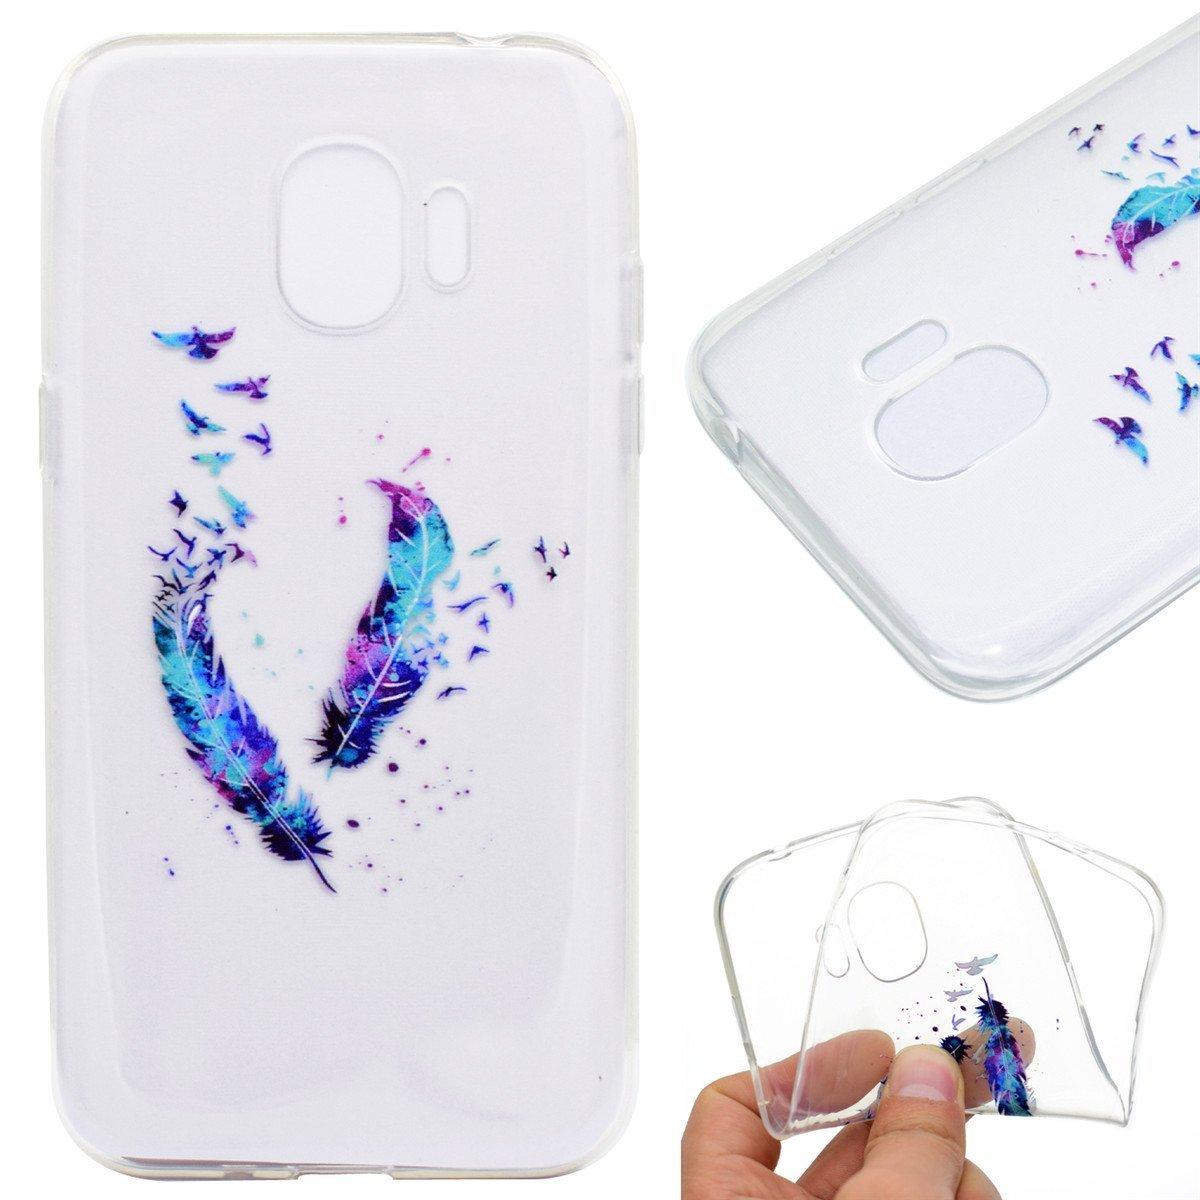 2018 HopMore Coque Samsung Galaxy J2 Pro Marbre Rose Silicone Souple Transparent Motif Swag Dr/ôle Marbre Rose /Étui Antichoc Ultra Mince Fine Gel Bumper Case Housse Transparente Design